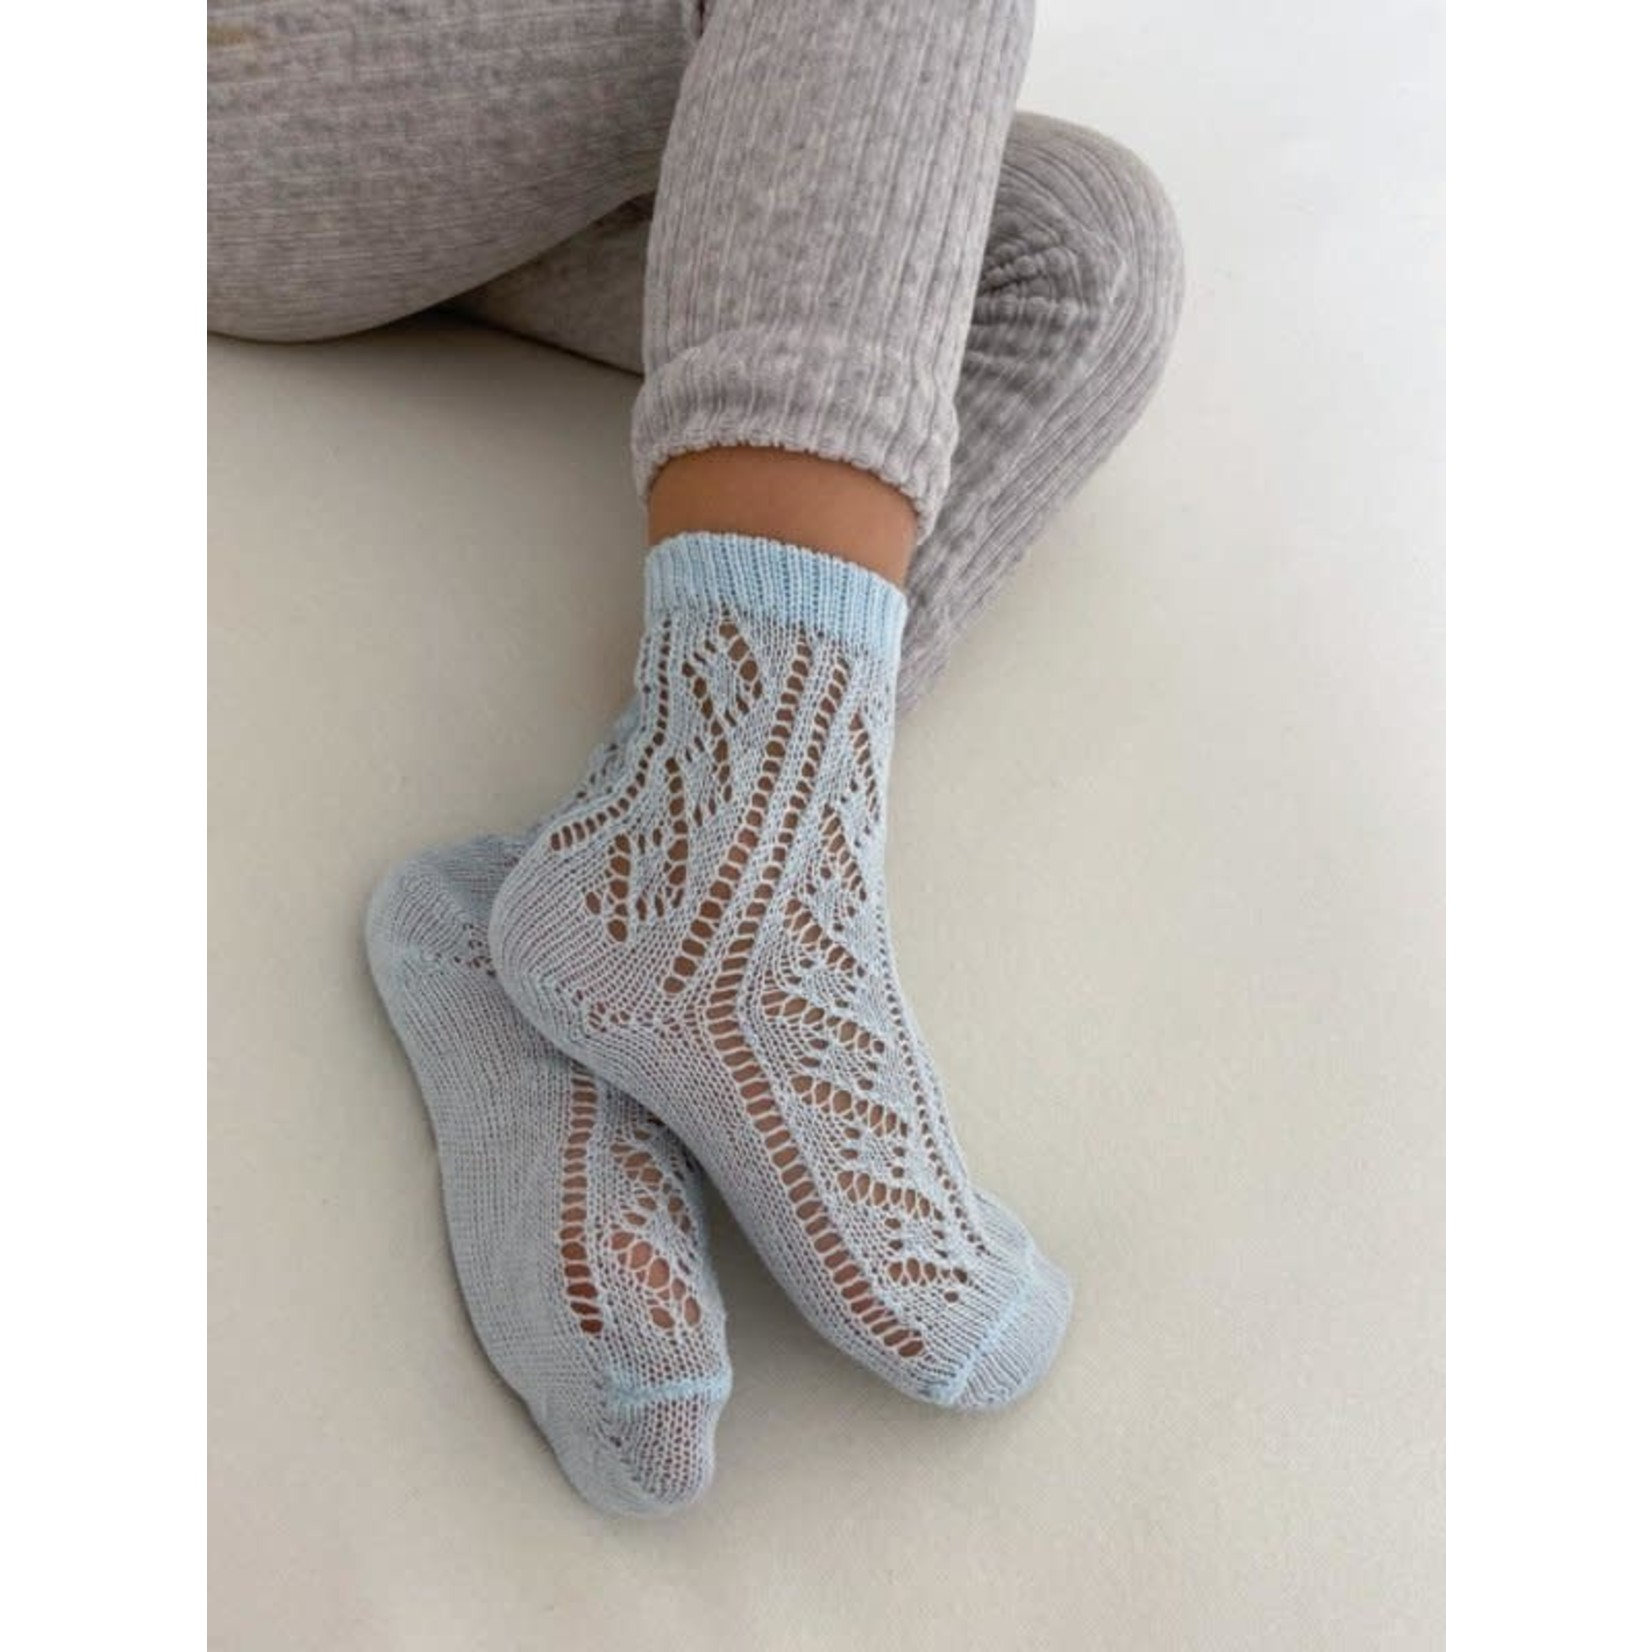 Condor Socks Open - Light Blue